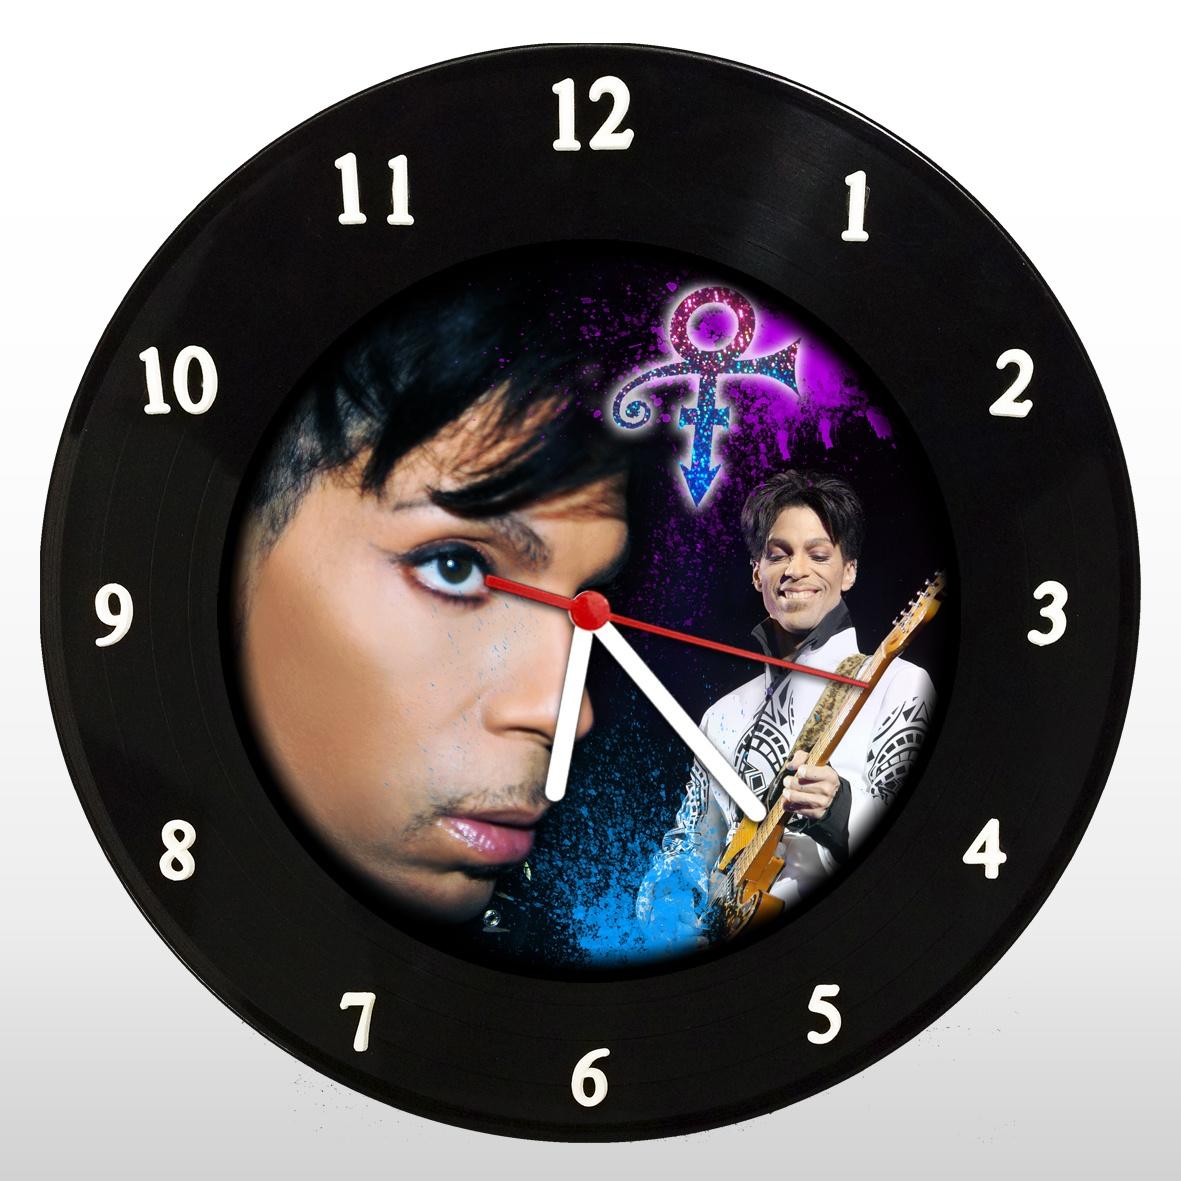 Prince - Relógio de Parede em Disco de Vinil - Mr. Rock